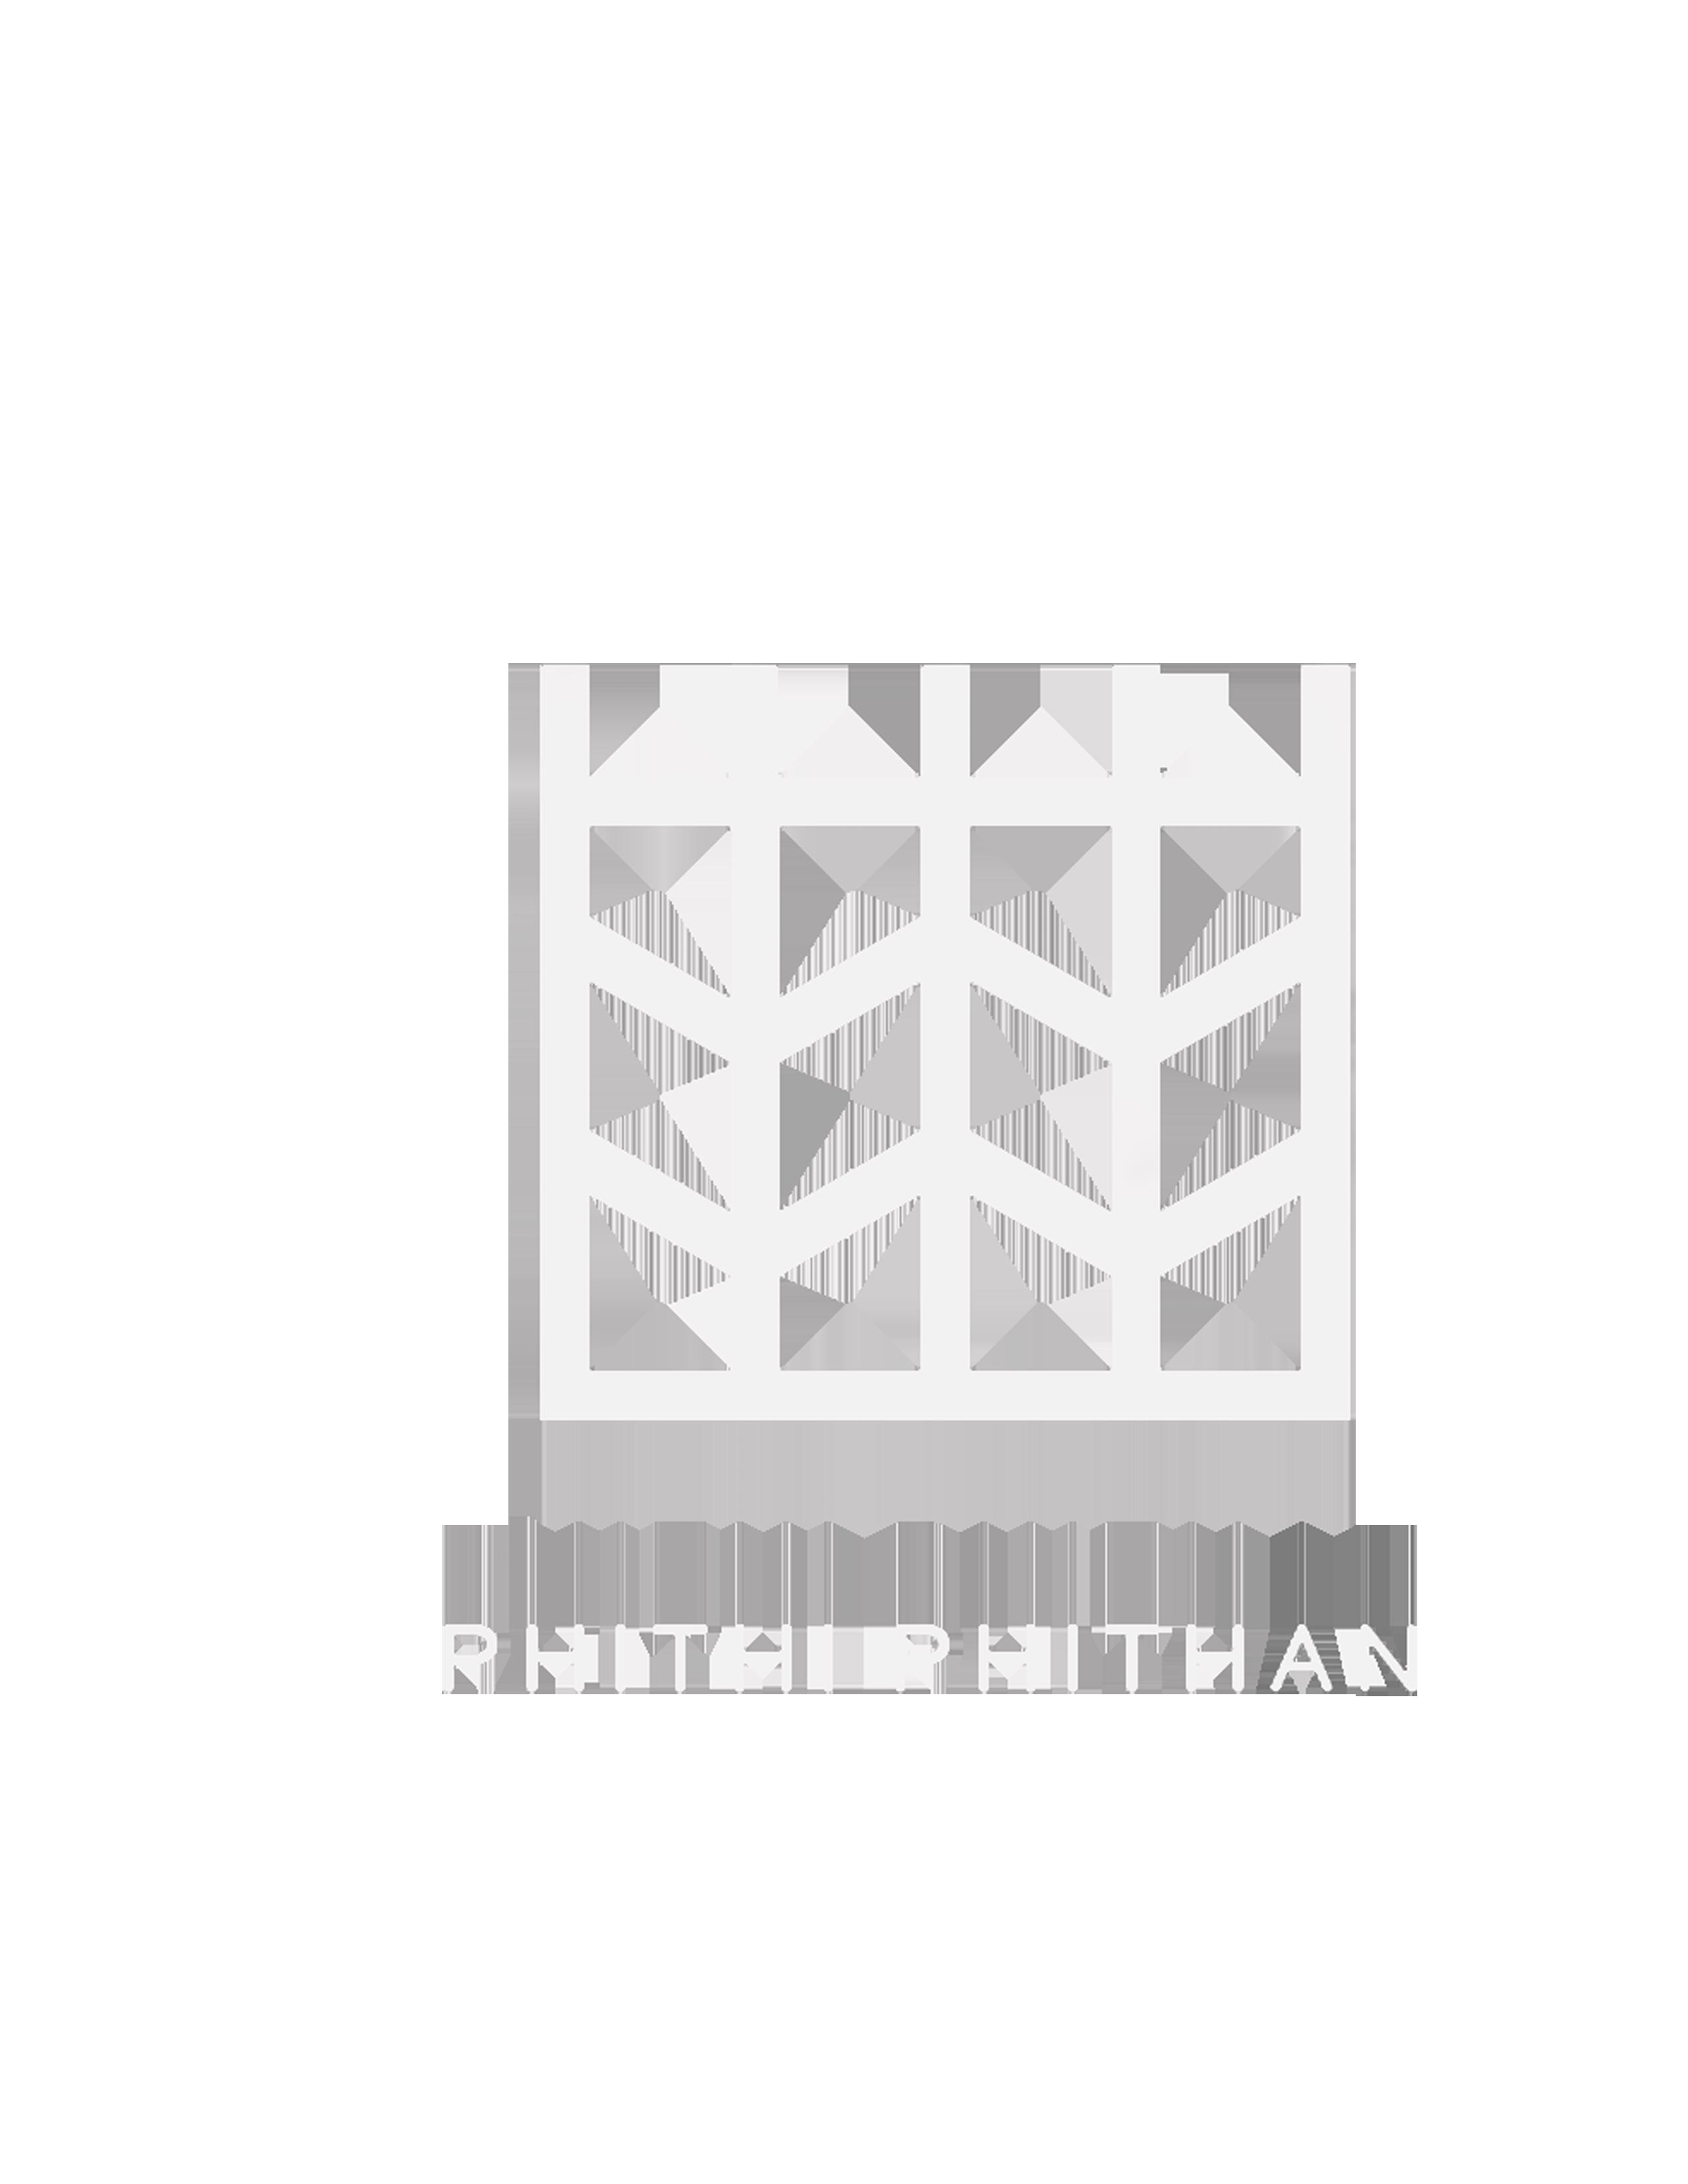 PHITHI PHITHAN